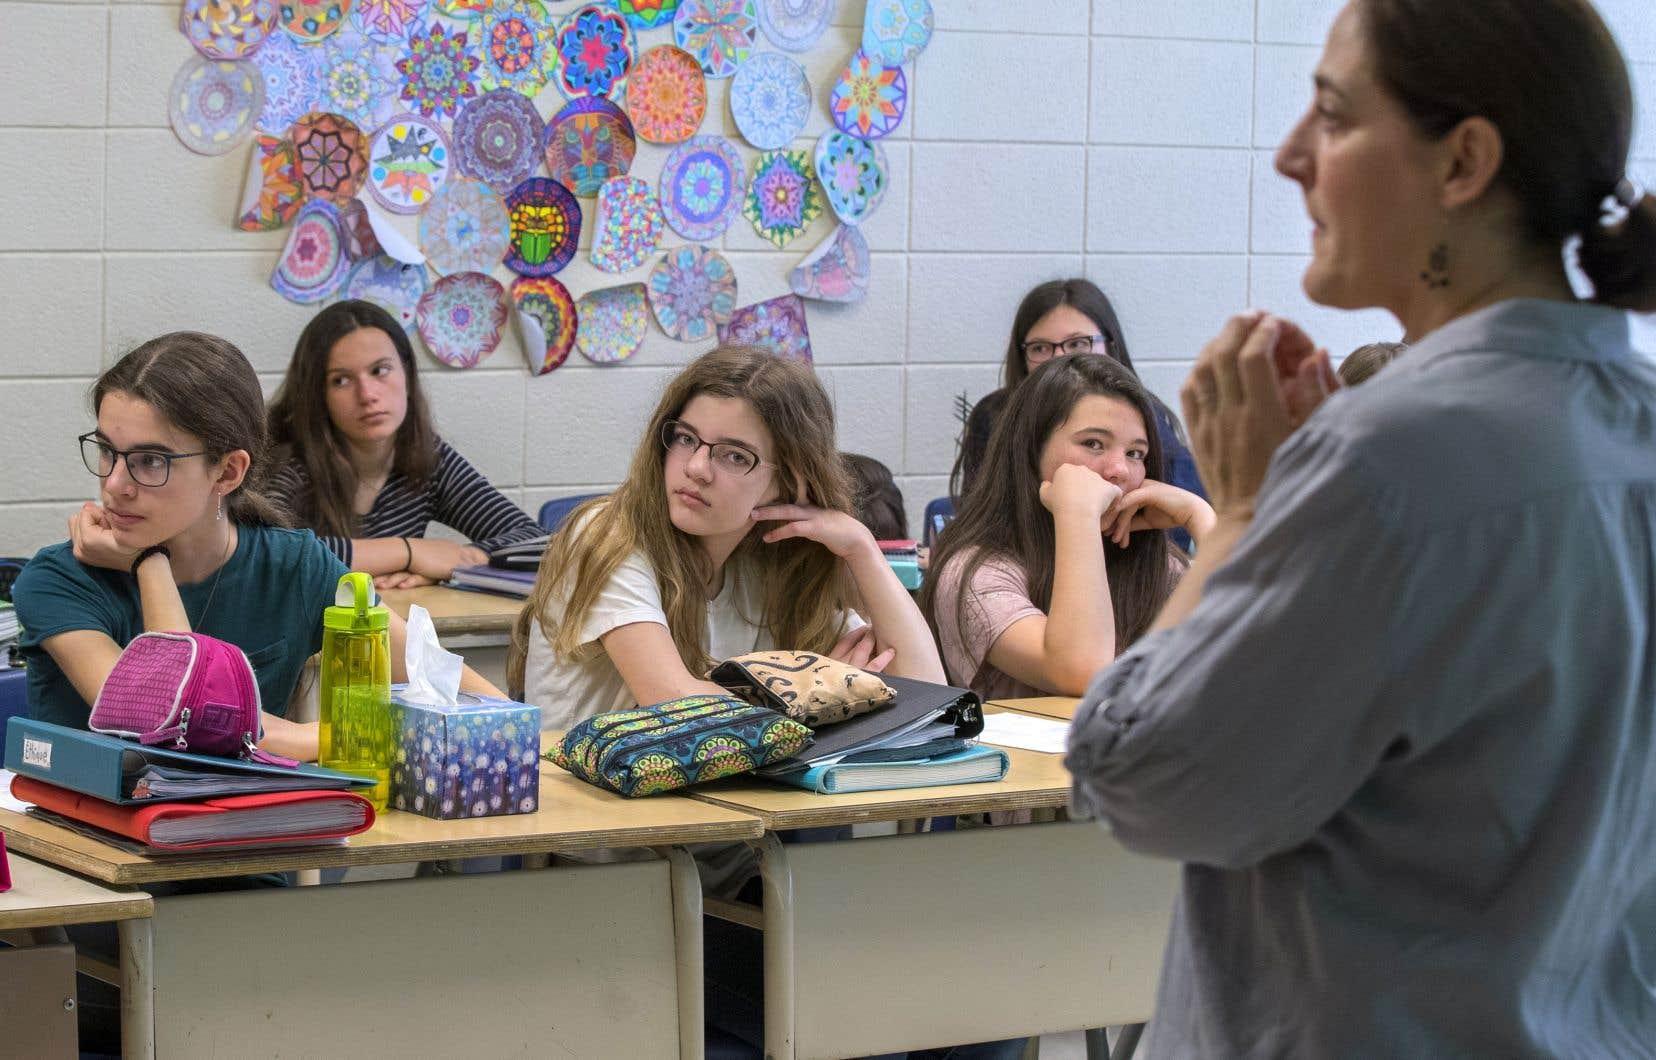 Des élèves écoutent la présentation d'une intervenante de la Fondation Jean Lapointe sur la légalisation du cannabis.